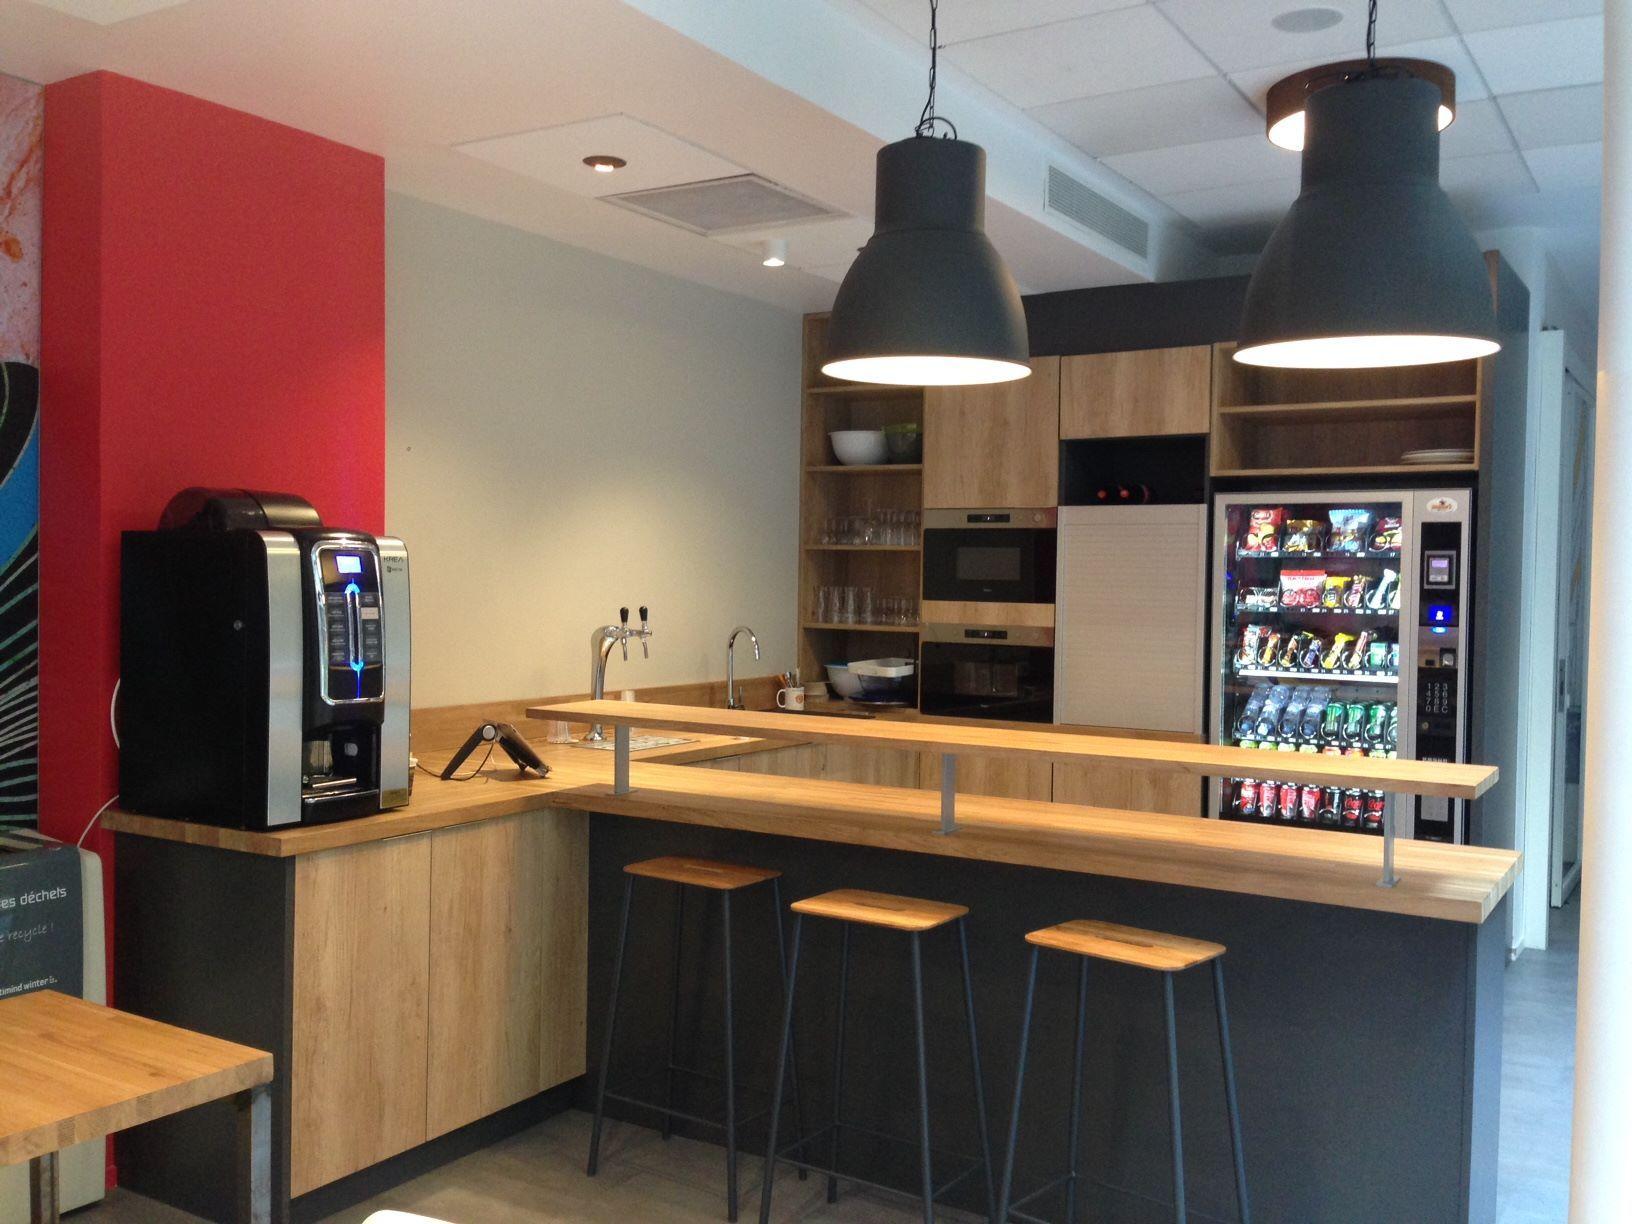 Espace Cuisine Amenagement Sur Mesure De L Ensemble Du Mobilier Plan De Travail Et Snack En Bois M Plan De Travail Hetre Cuisine Blanc Laque Plan De Travail